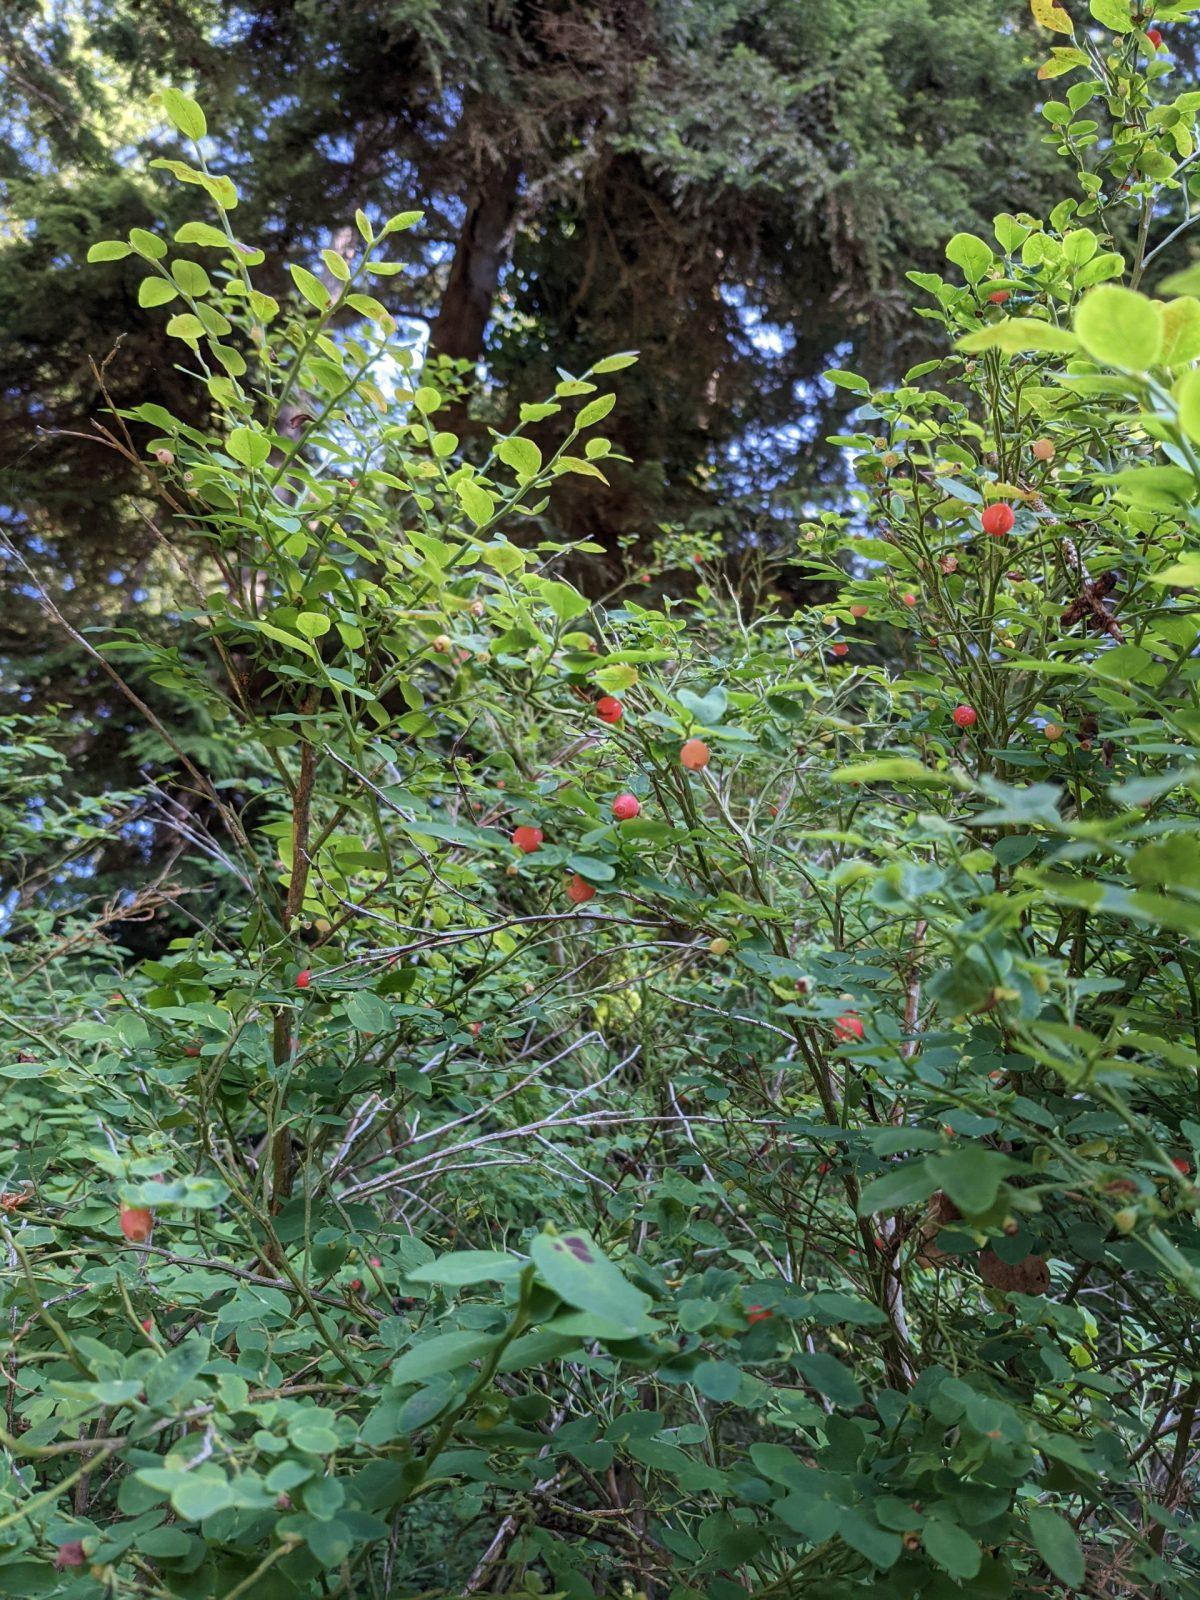 Red Huckleberries